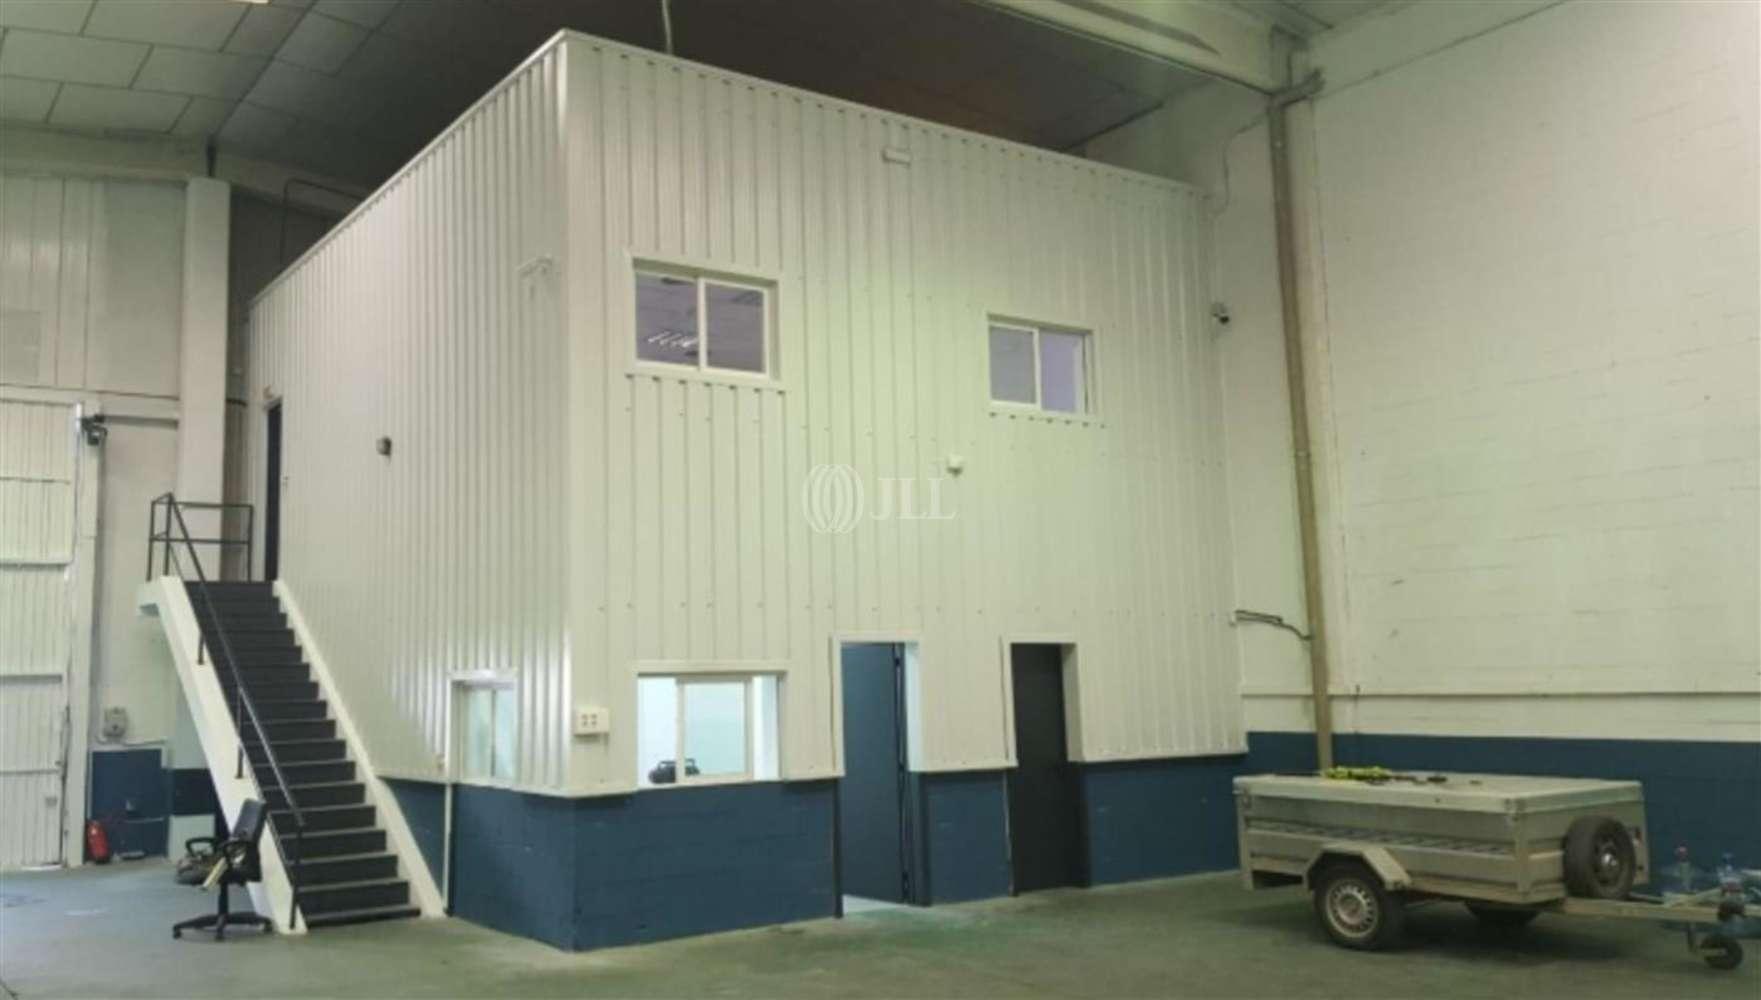 Naves industriales y logísticas Coslada, 28823 - Nave Industrial - M0395 NAVE INDUSTRIAL ALQUILER COSLADA - 22786